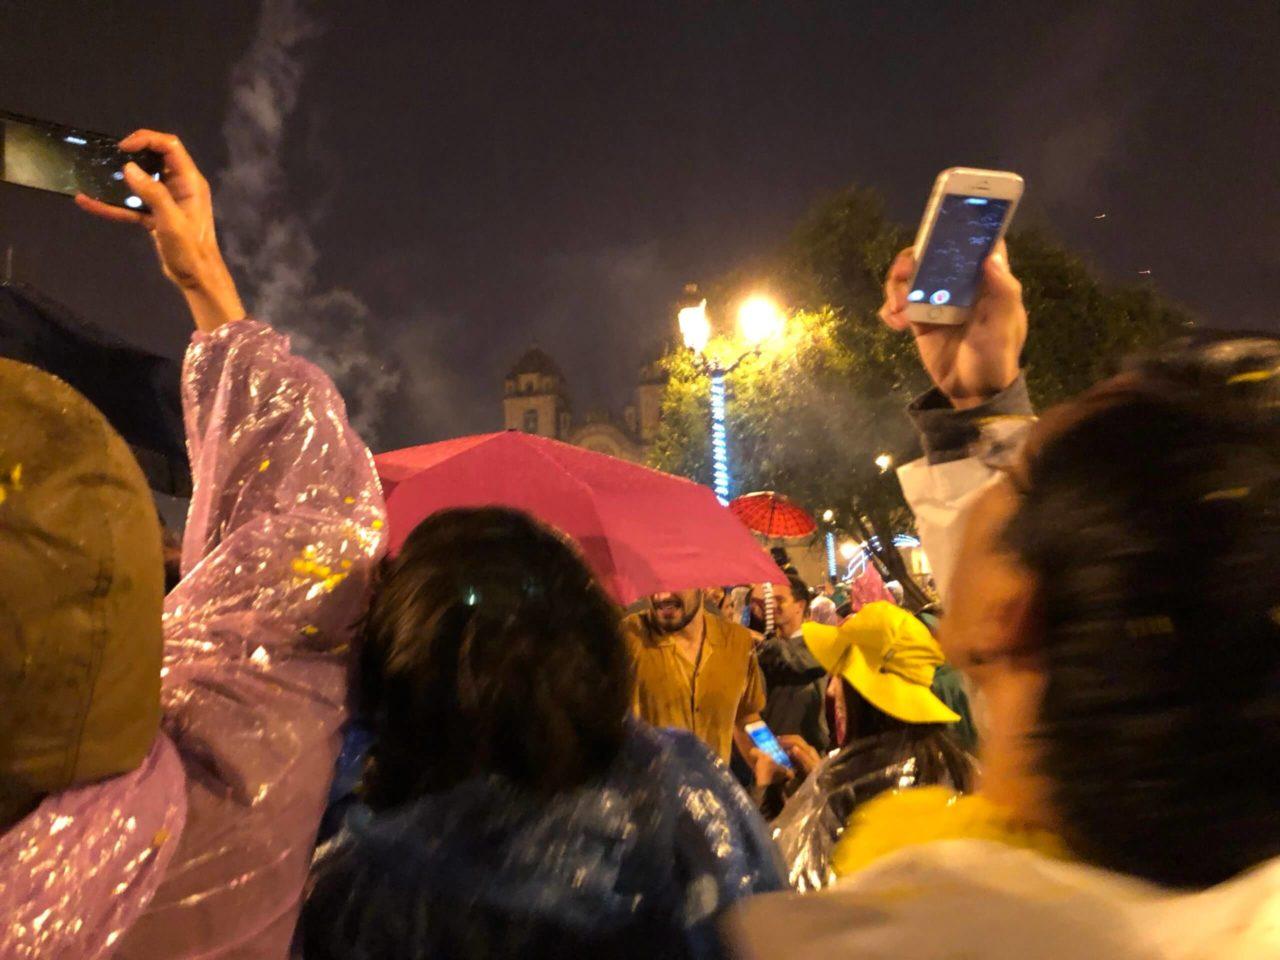 IMG 5919 scaled - 【ペルー クスコ】雨と光と爆竹と。2020年へのカウントダウン(4)アルマス広場のカウントダウン